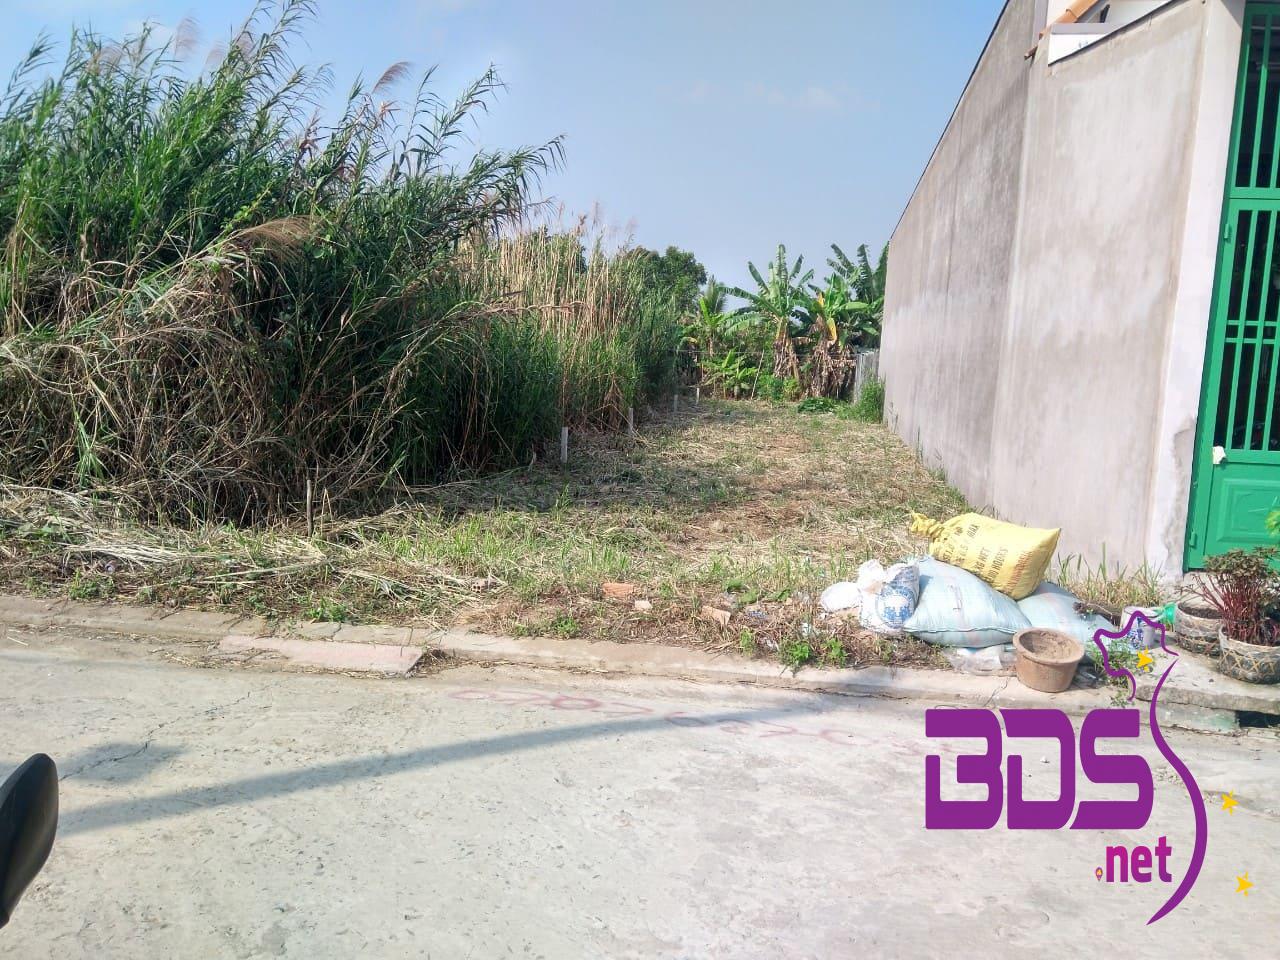 Bán nền thổ cư diện tích lớn khu Đồng quê qua cầu bình thủy-6